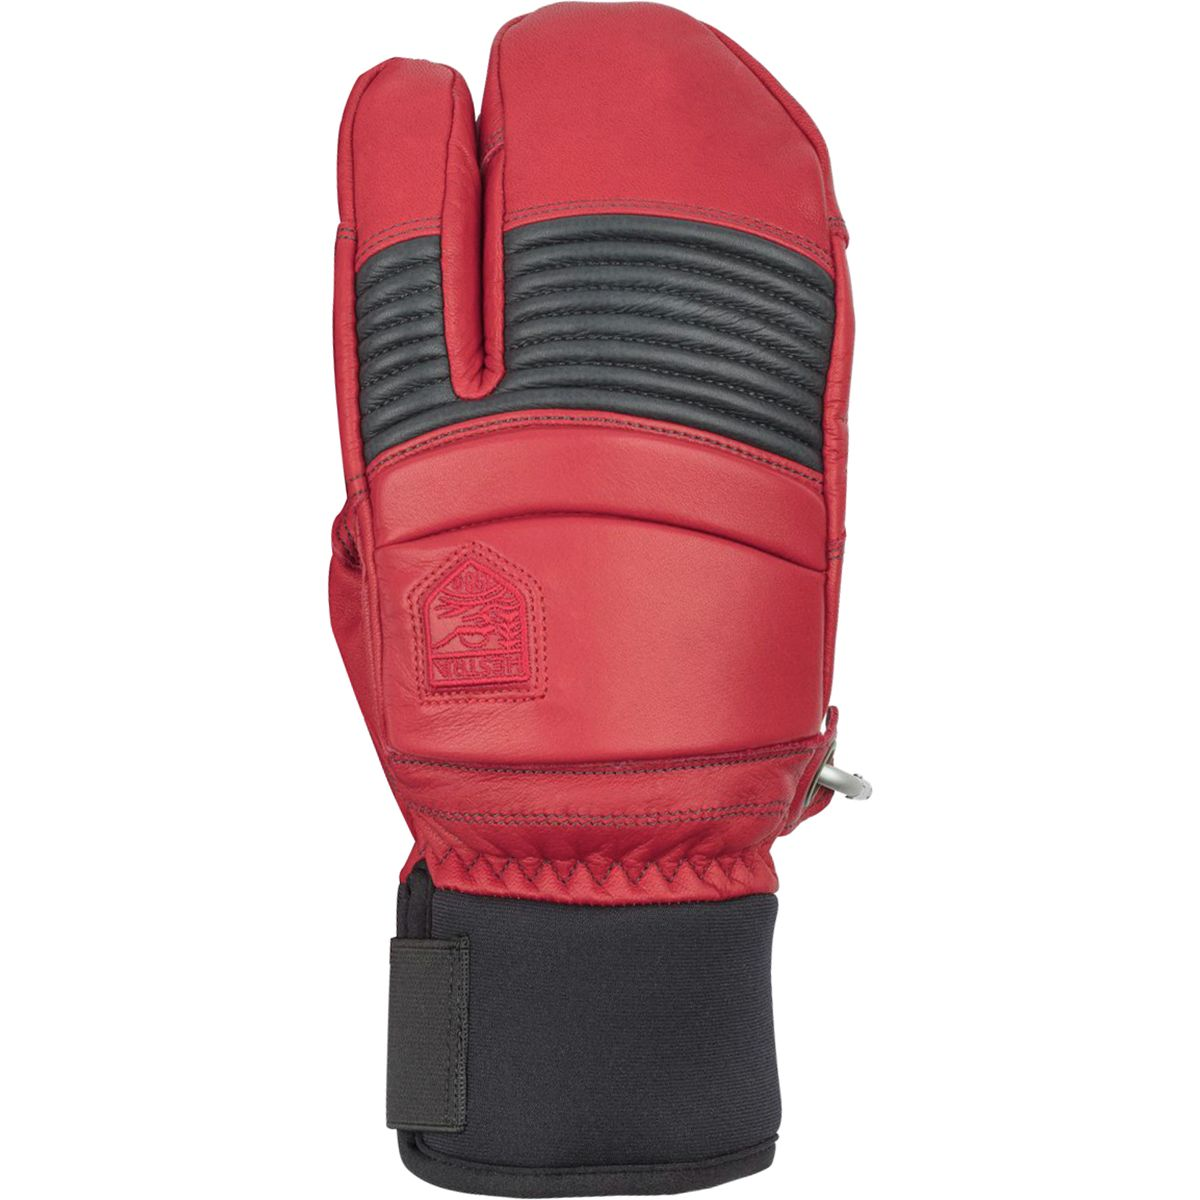 Hestra Dexterity Glove